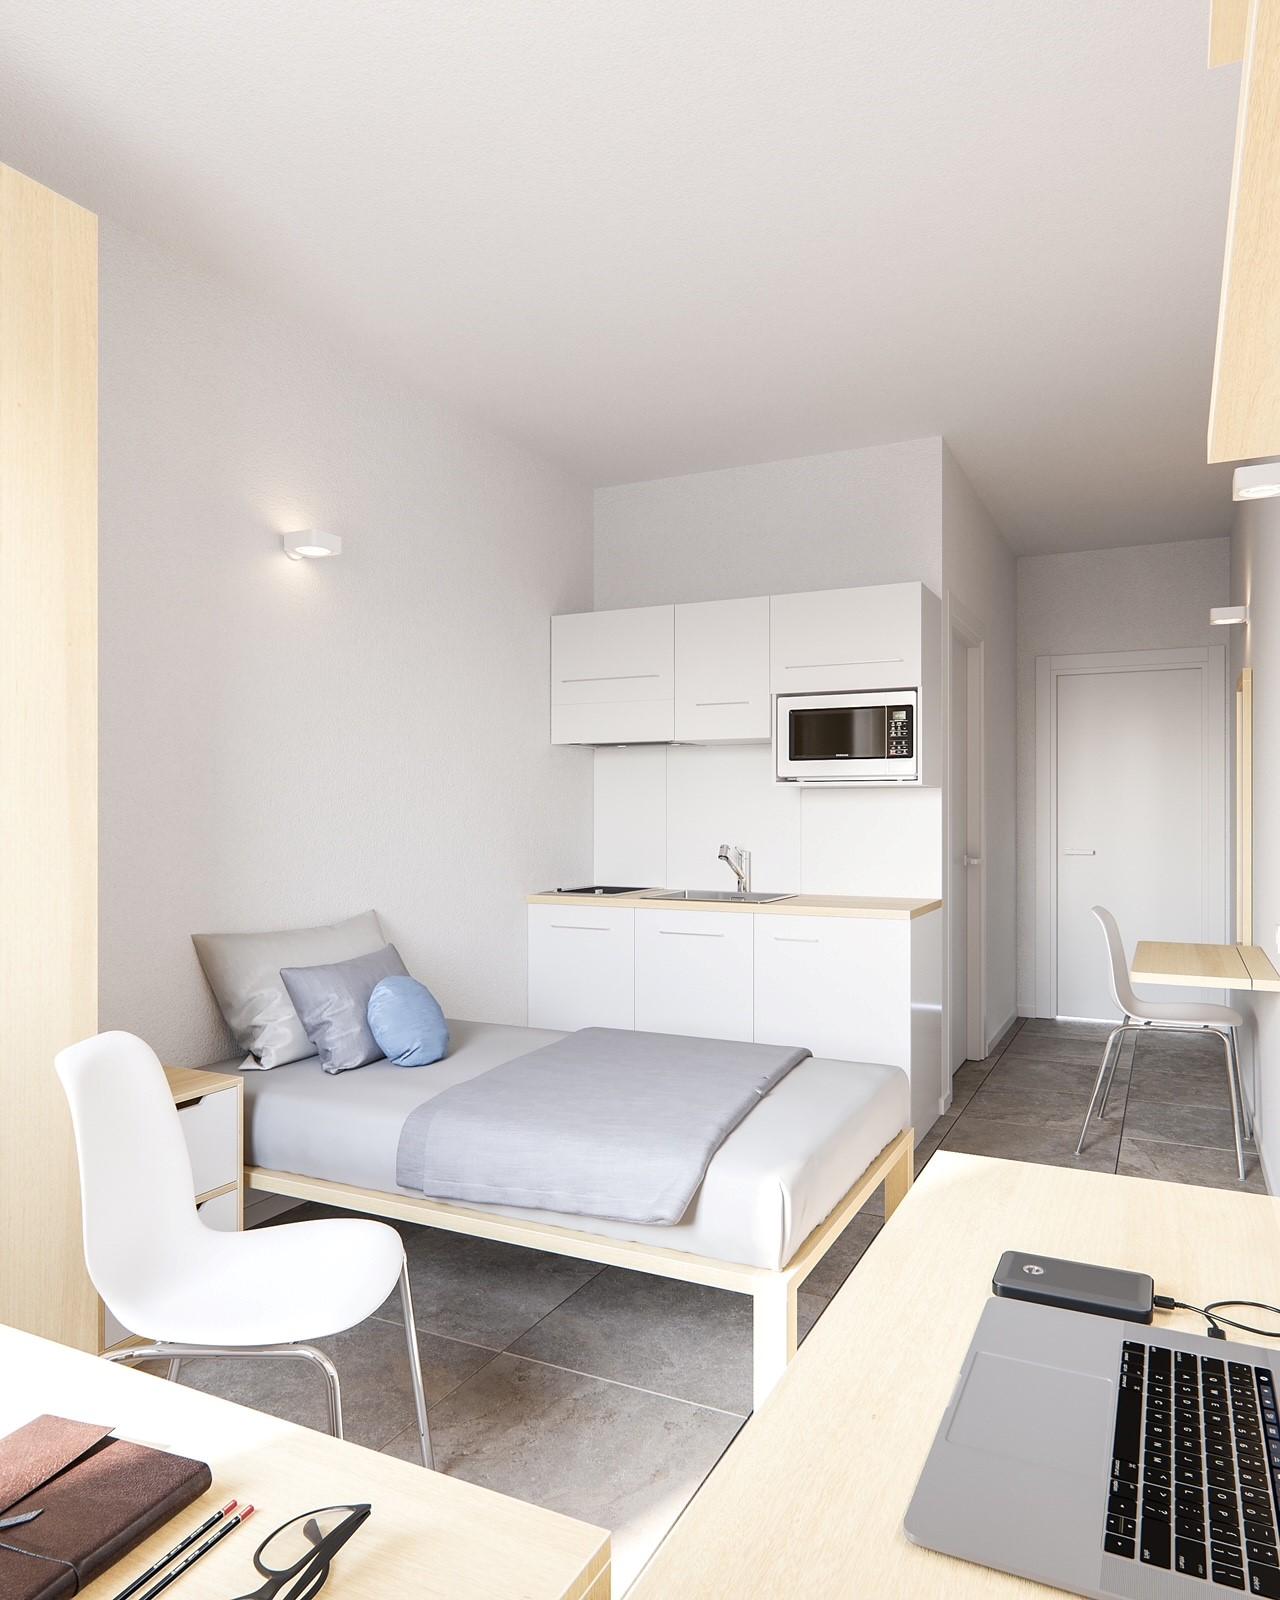 new University Residence room 1